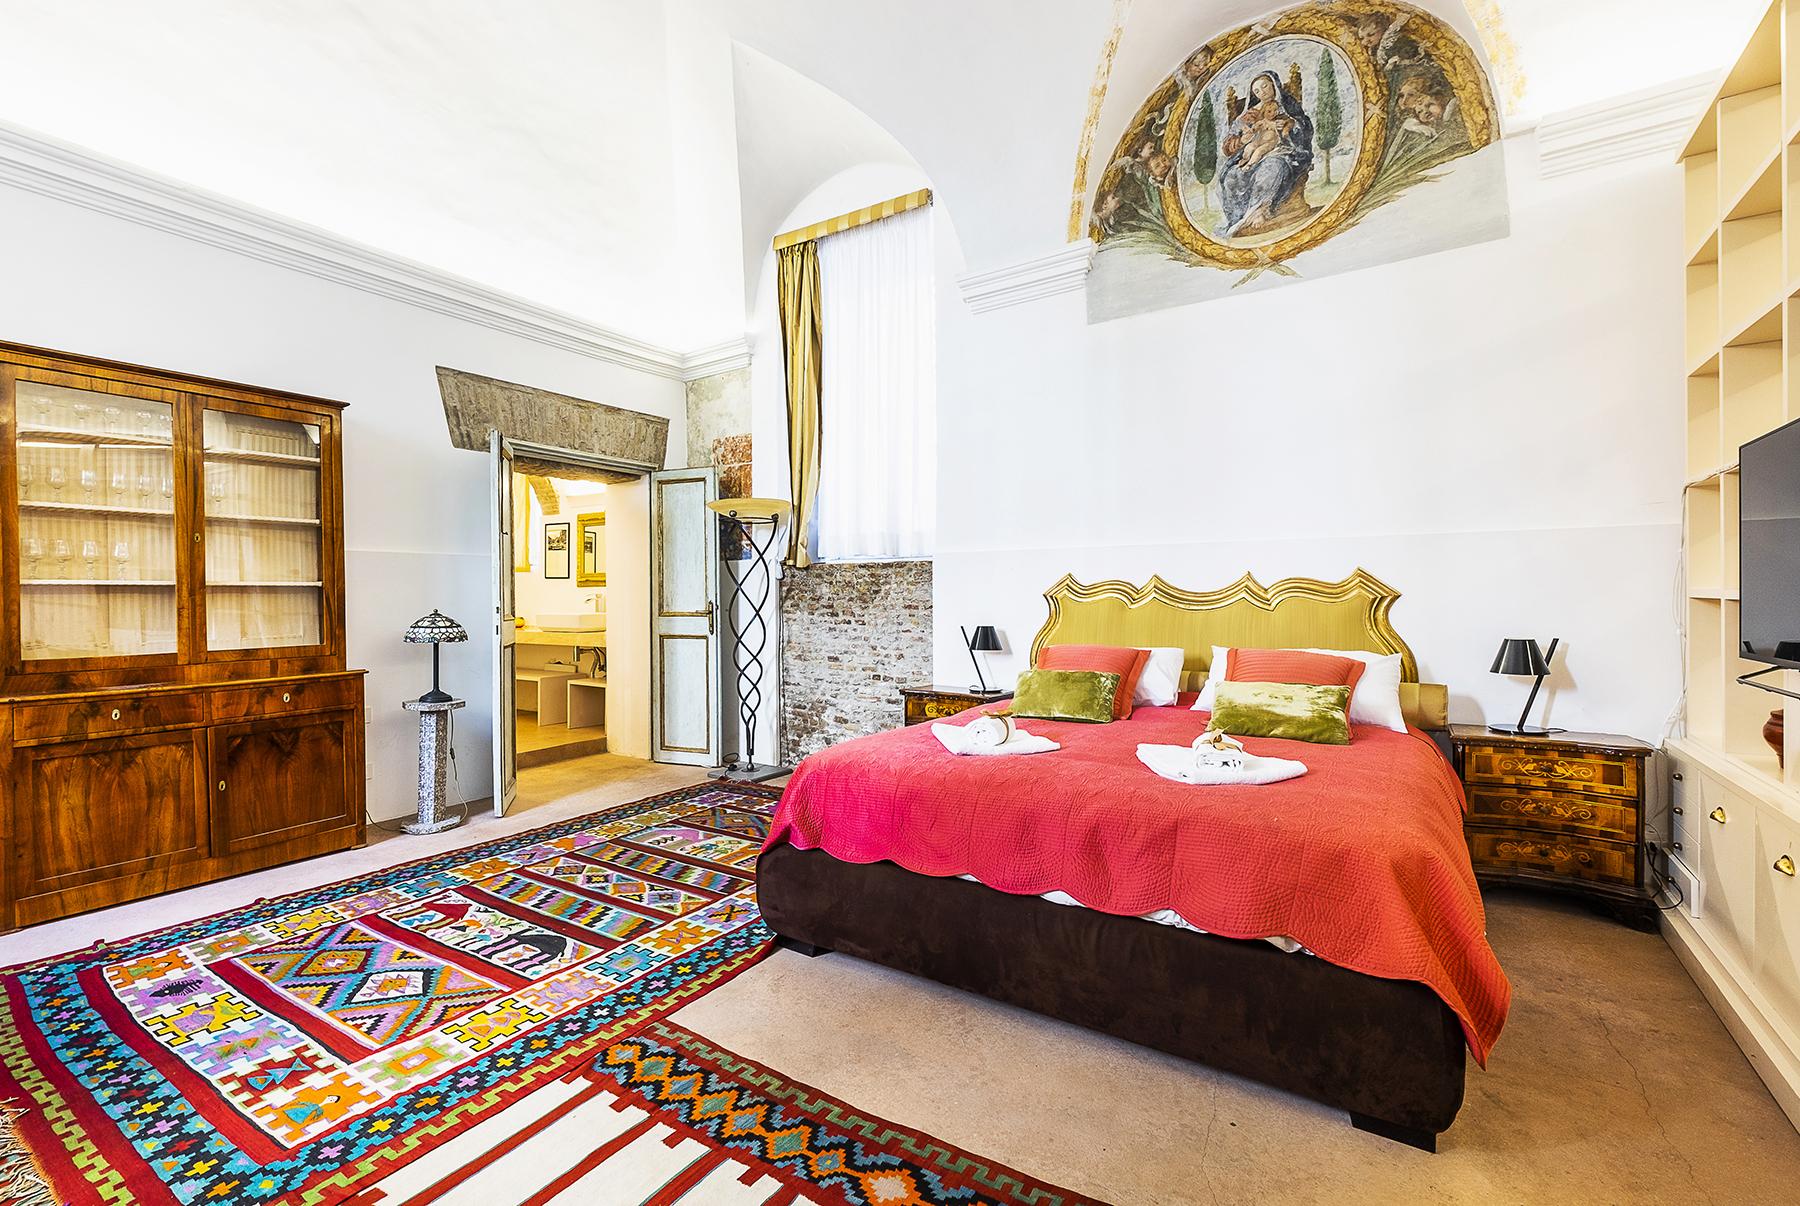 Appartamento in Vendita a Roma 28 Trastevere / Testaccio: 1 locali, 75 mq